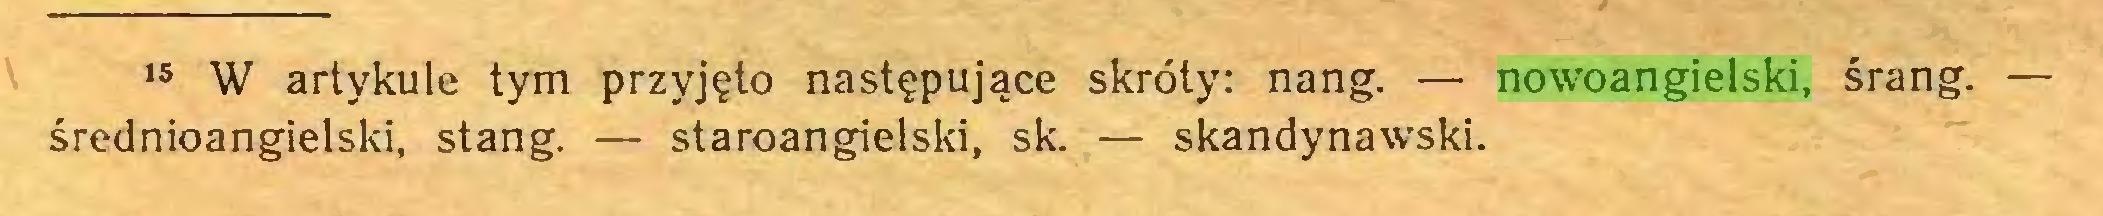 (...) 15 W artykule tym przyjęto następujące skróty: nang. — nowoangielski, śrang. — średnioangielski, stang. — staroangielski, sk. — skandynawski...